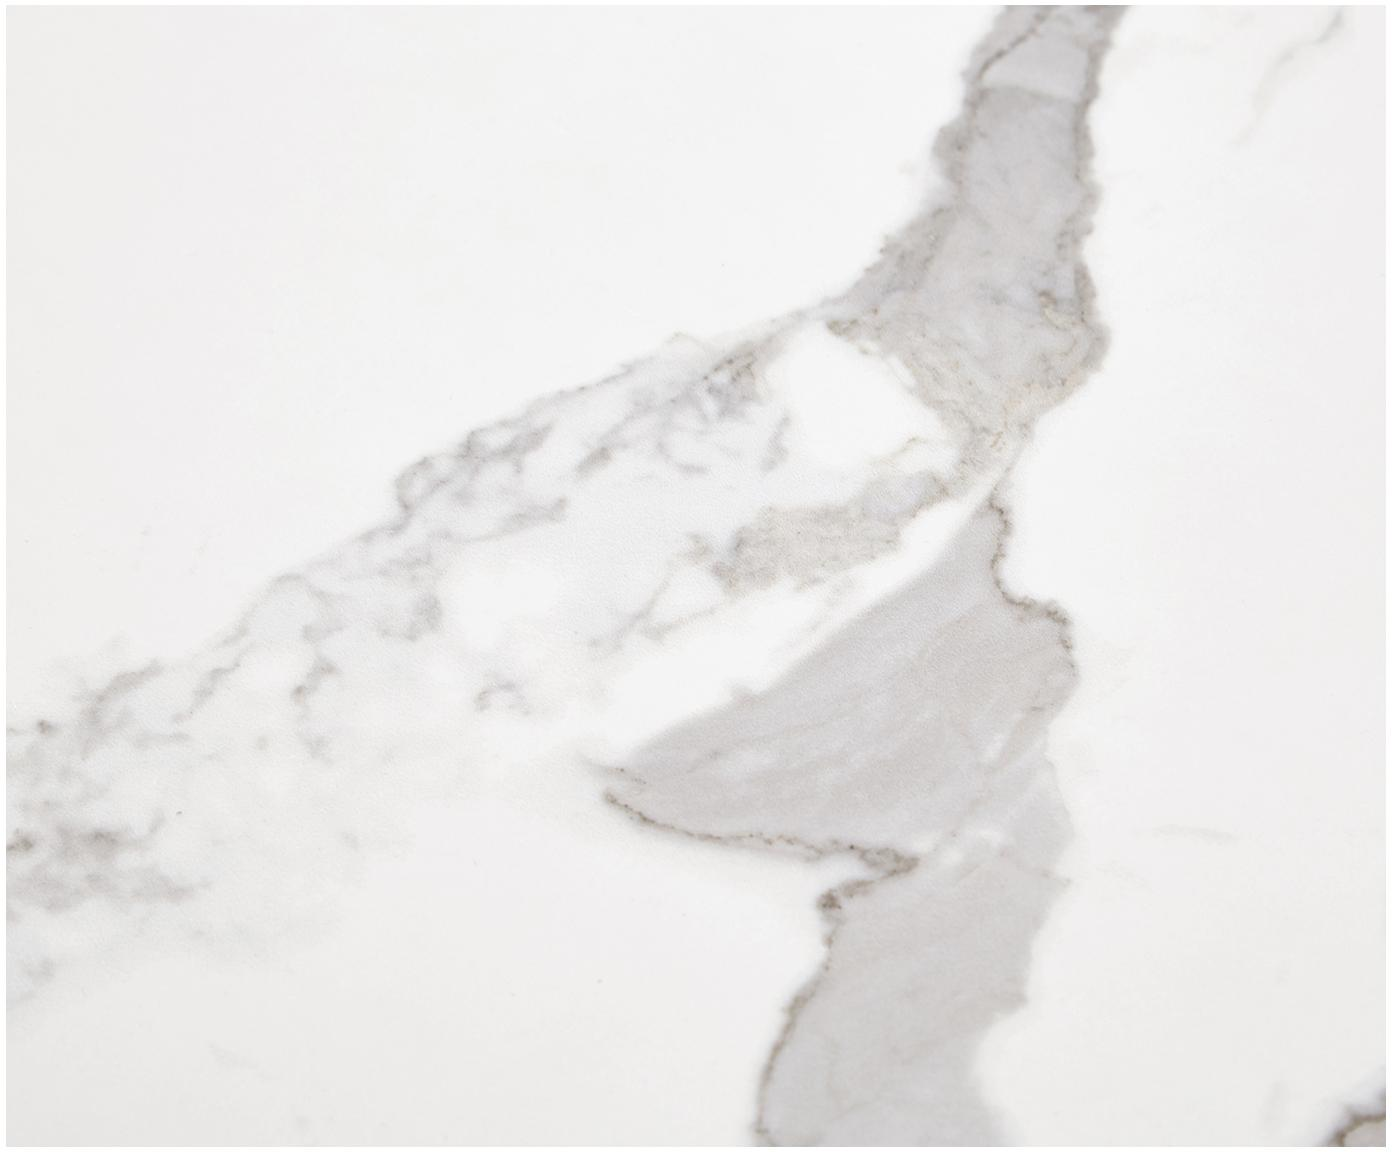 Szafka RTV z powierzchnią imitującą marmur Fiona, Korpus: płyta pilśniowa średniej , Nogi: metal malowany proszkowo, Korpus: biały, matowy Nogi: biały, matowy Półka: biały, marmurowy, S 160 x W 46 cm